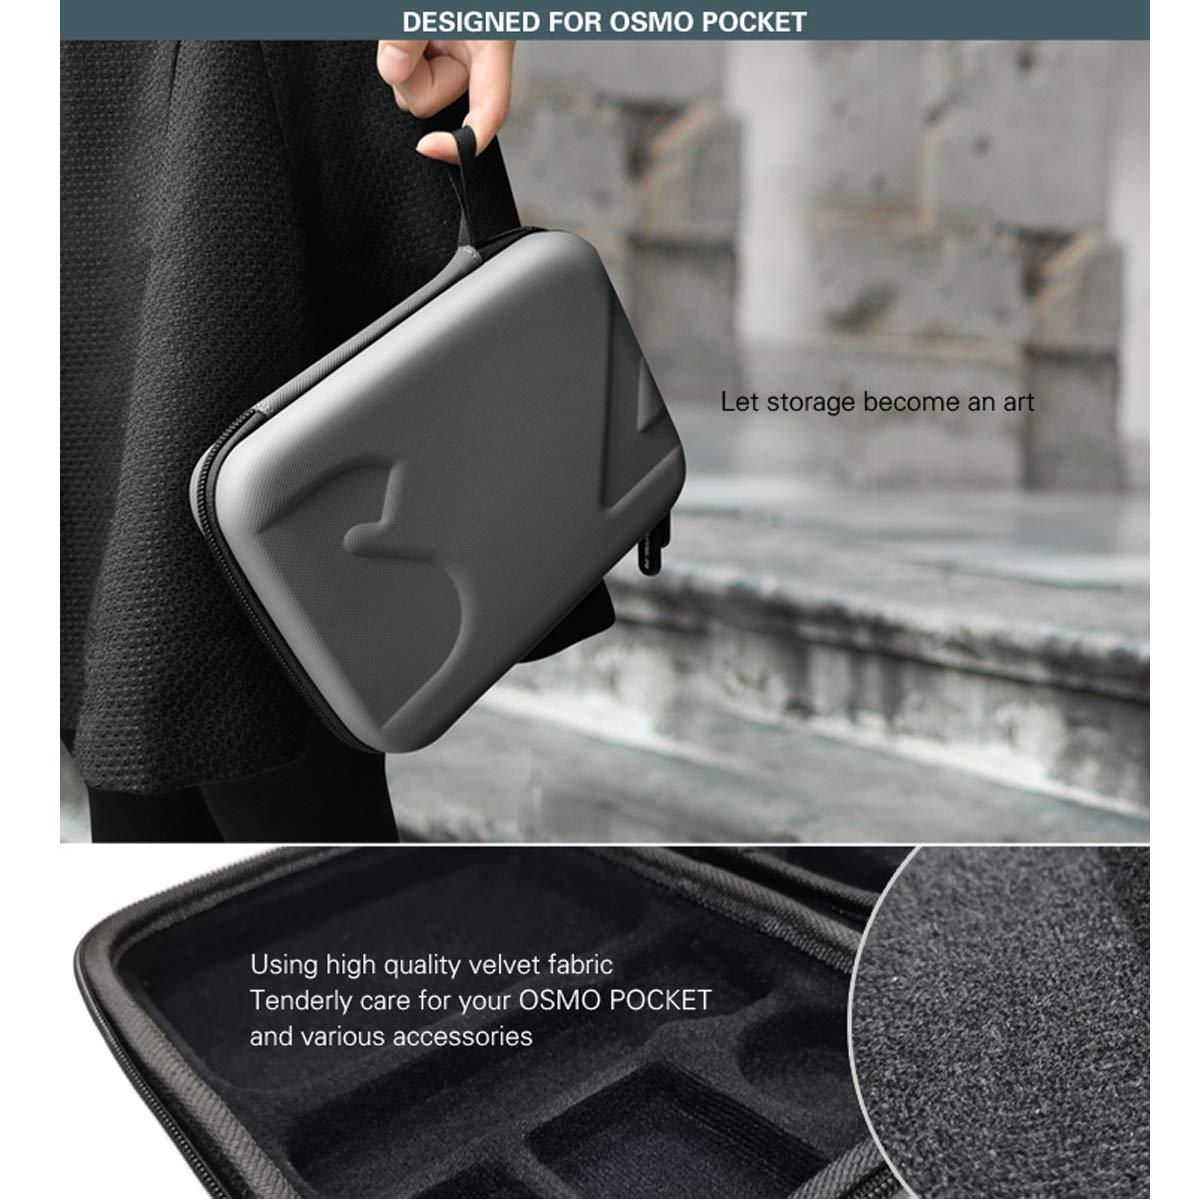 Nett Skyreat Tragetasche Hard Carry Case Für Dji Osmo Pocket Und Filter Und Zubehör Akkus & Batterien